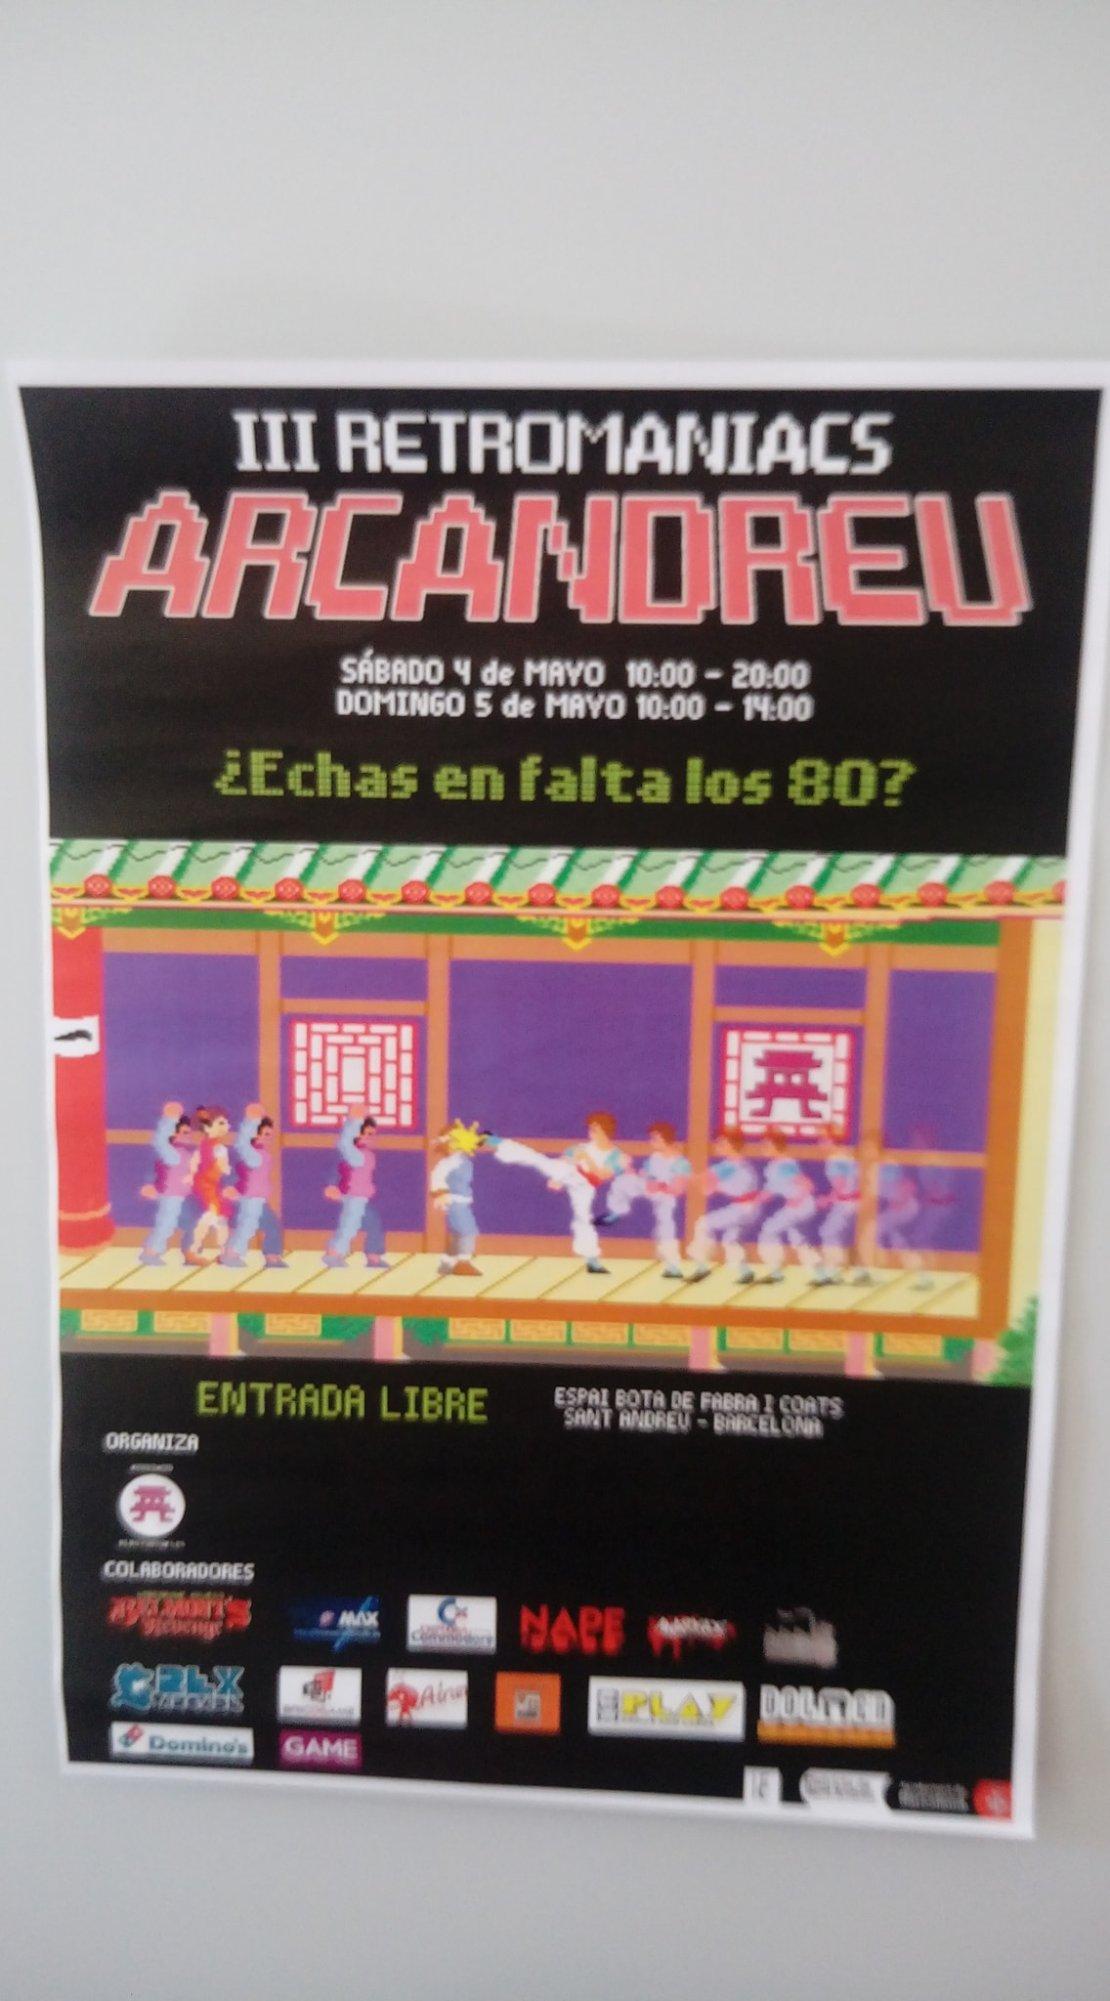 Poster de III Retromaniacs Arcandreu